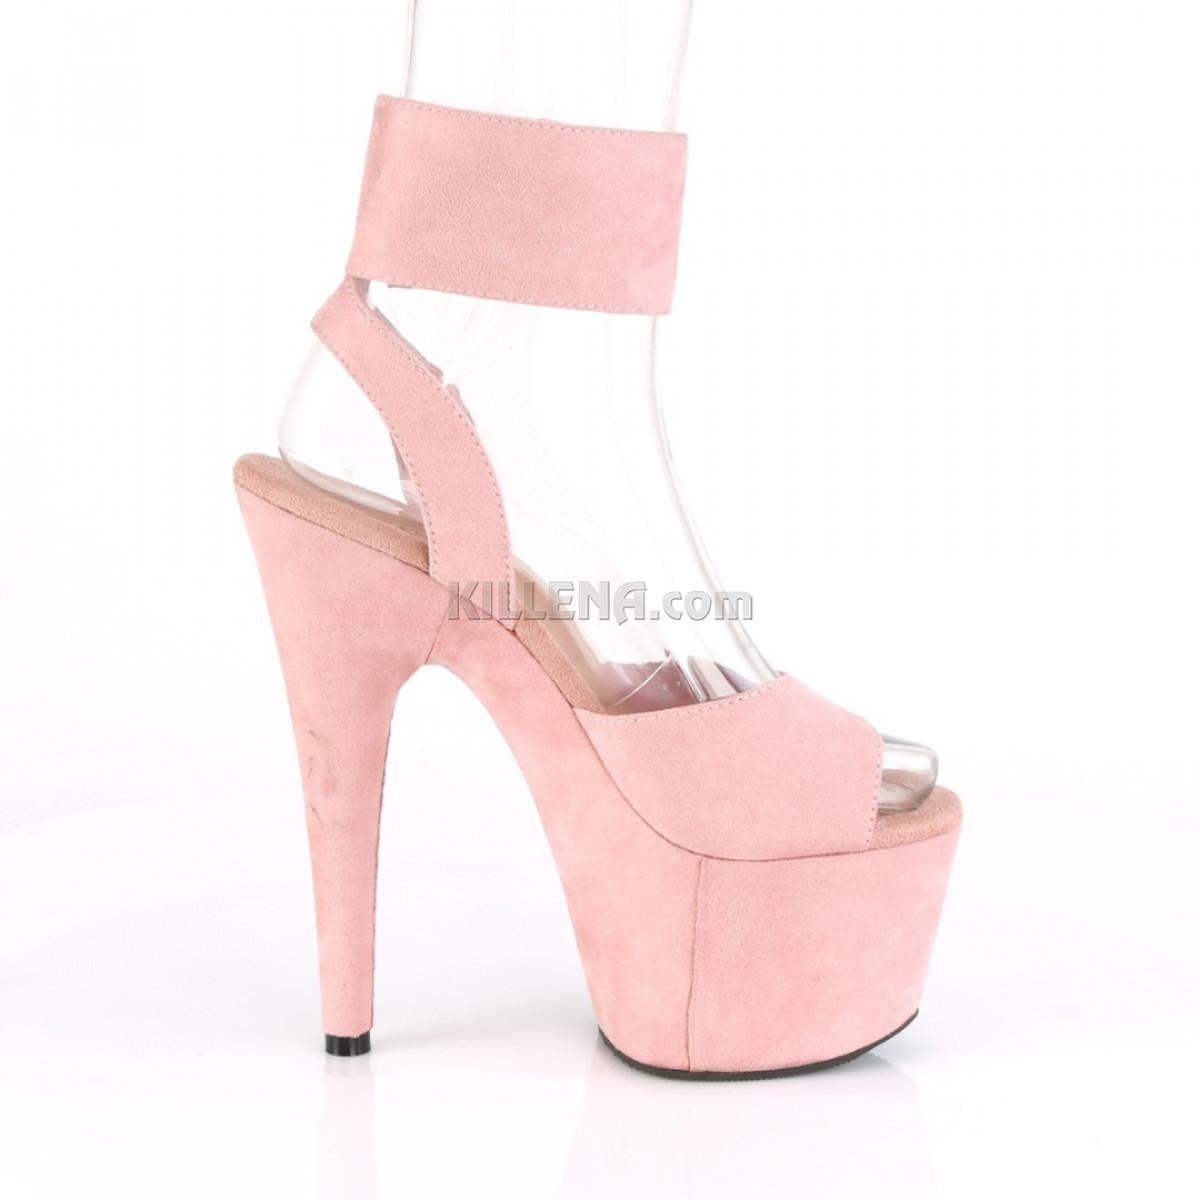 Замшевые розовые босоножки с открытой пяткой и широким ремешком